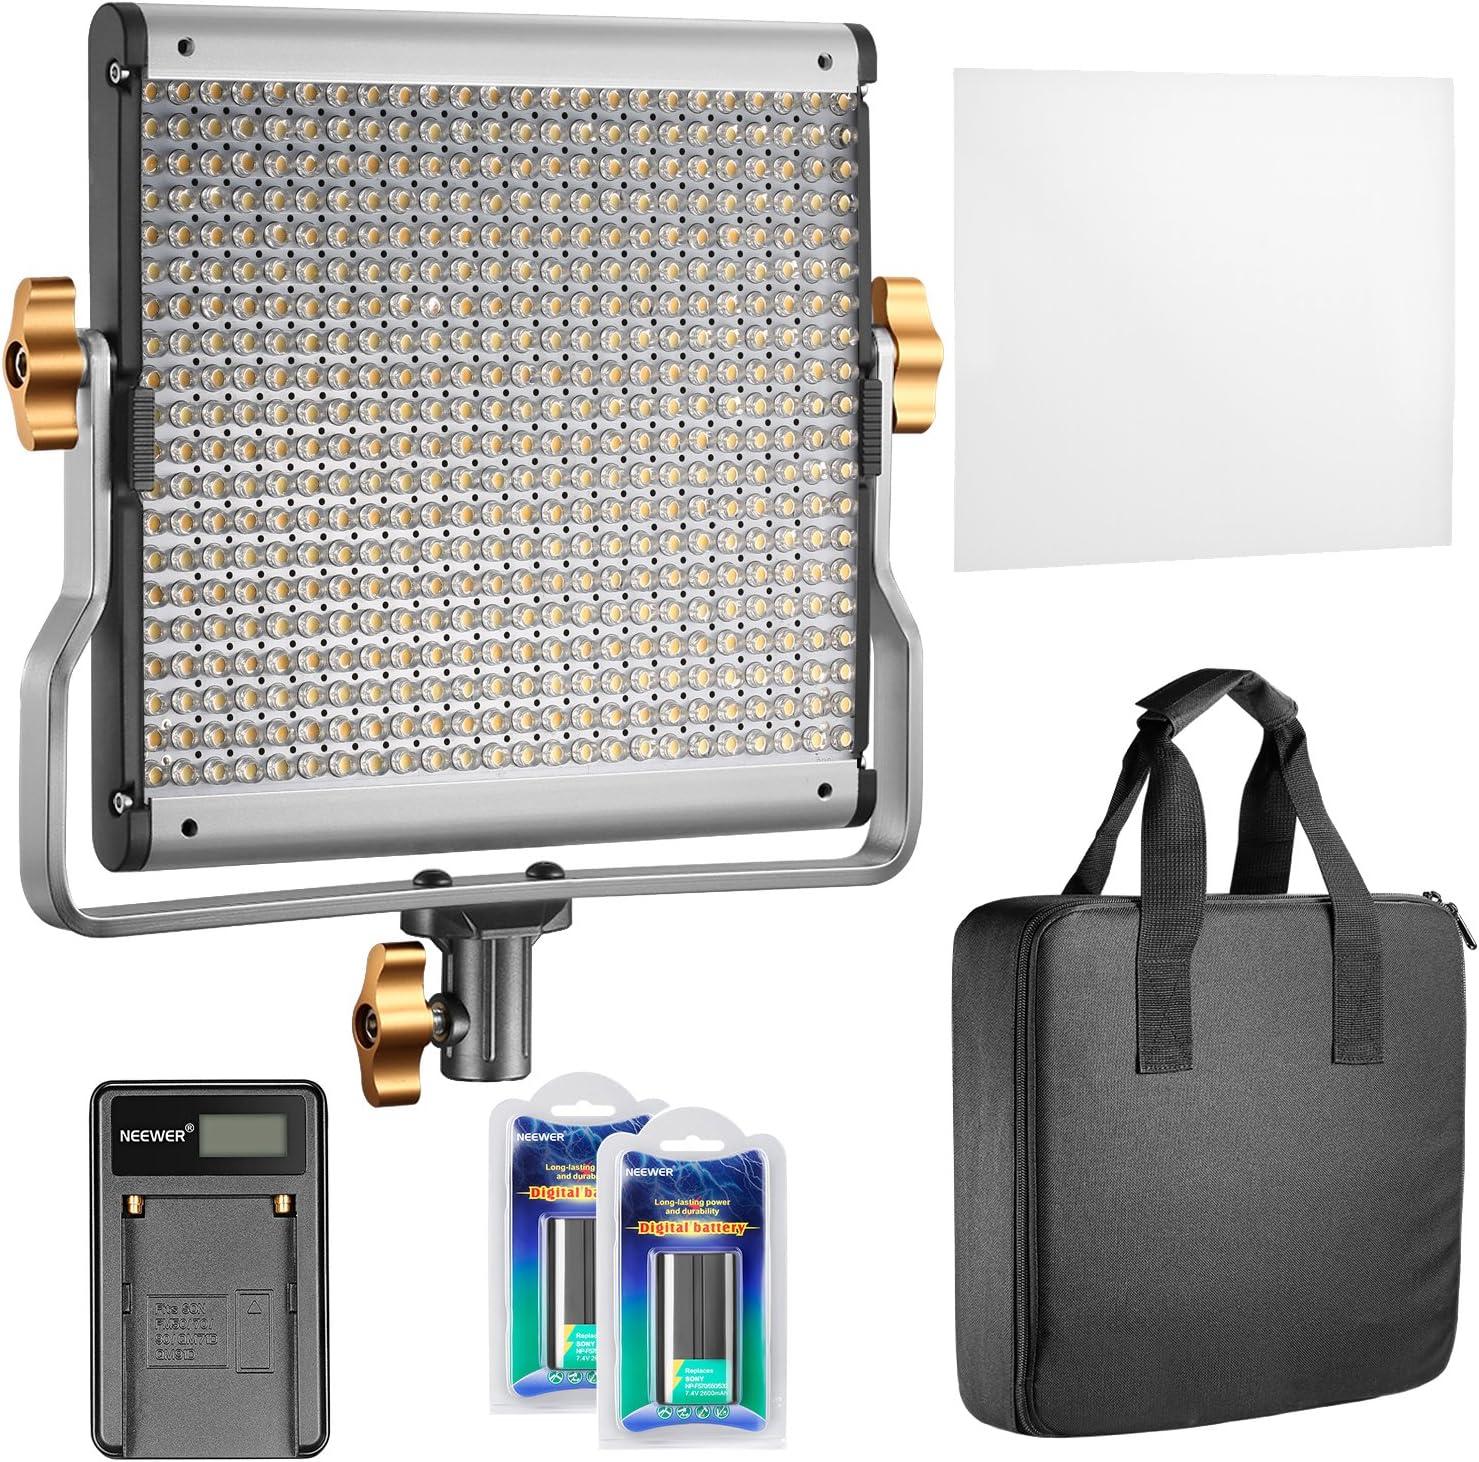 Neewer Regulable Bi-color 480 LED Video Luz CRI 96 + 3200-5600K con Soporte en U 2 Piezas de Batería Recargable de ion-litio y Cargador USB para Cámara DSLR foto Estudio Fotografía YouTube